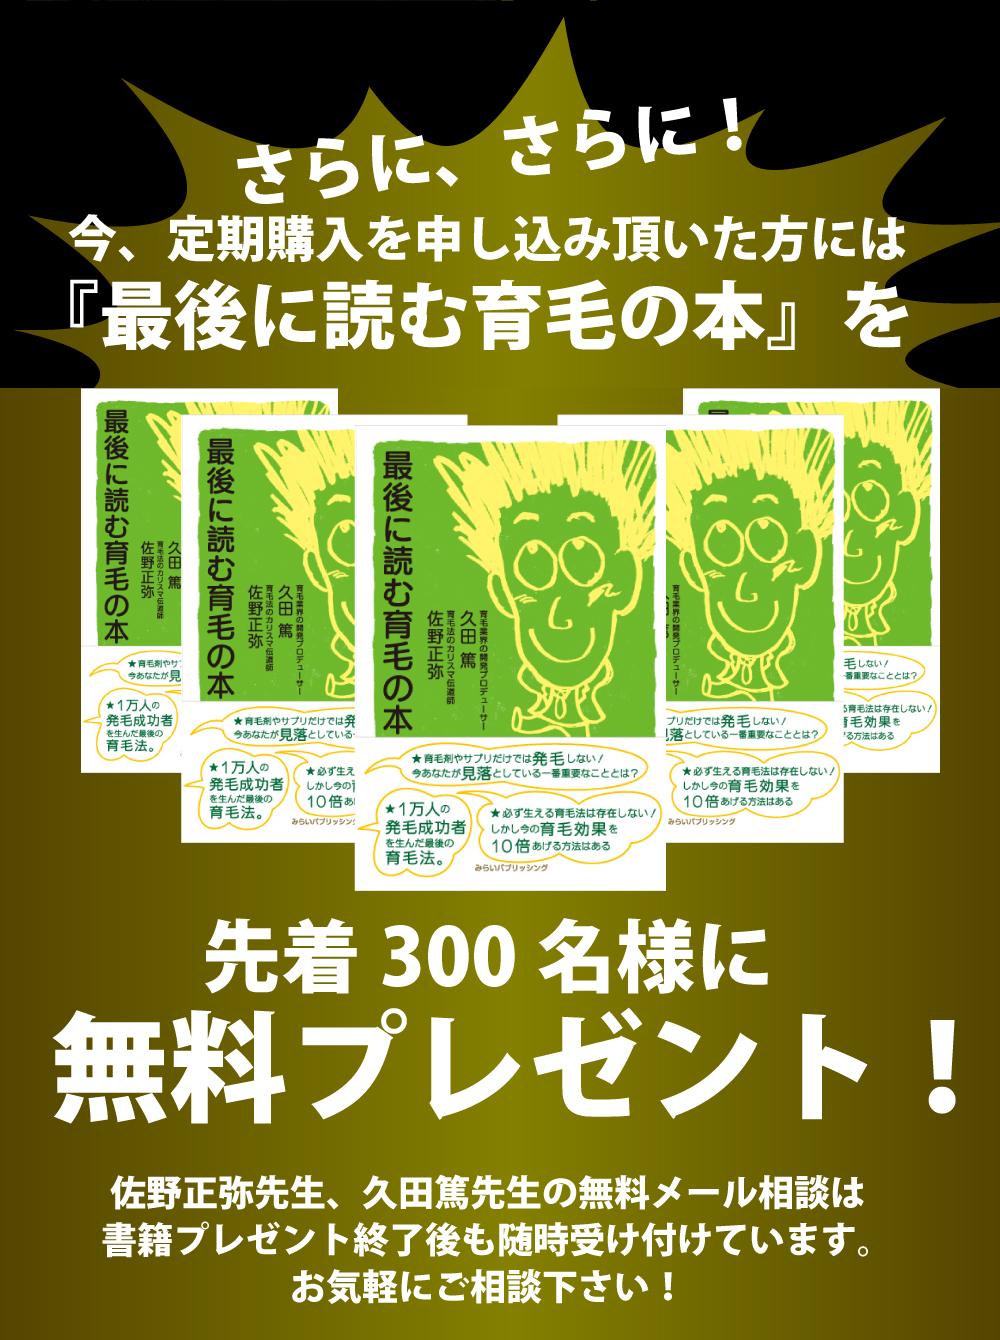 さらに、さらに!今、定期購入を申込いただいた方には『最後に読む育毛の本』を先着300名様に無料プレゼント!